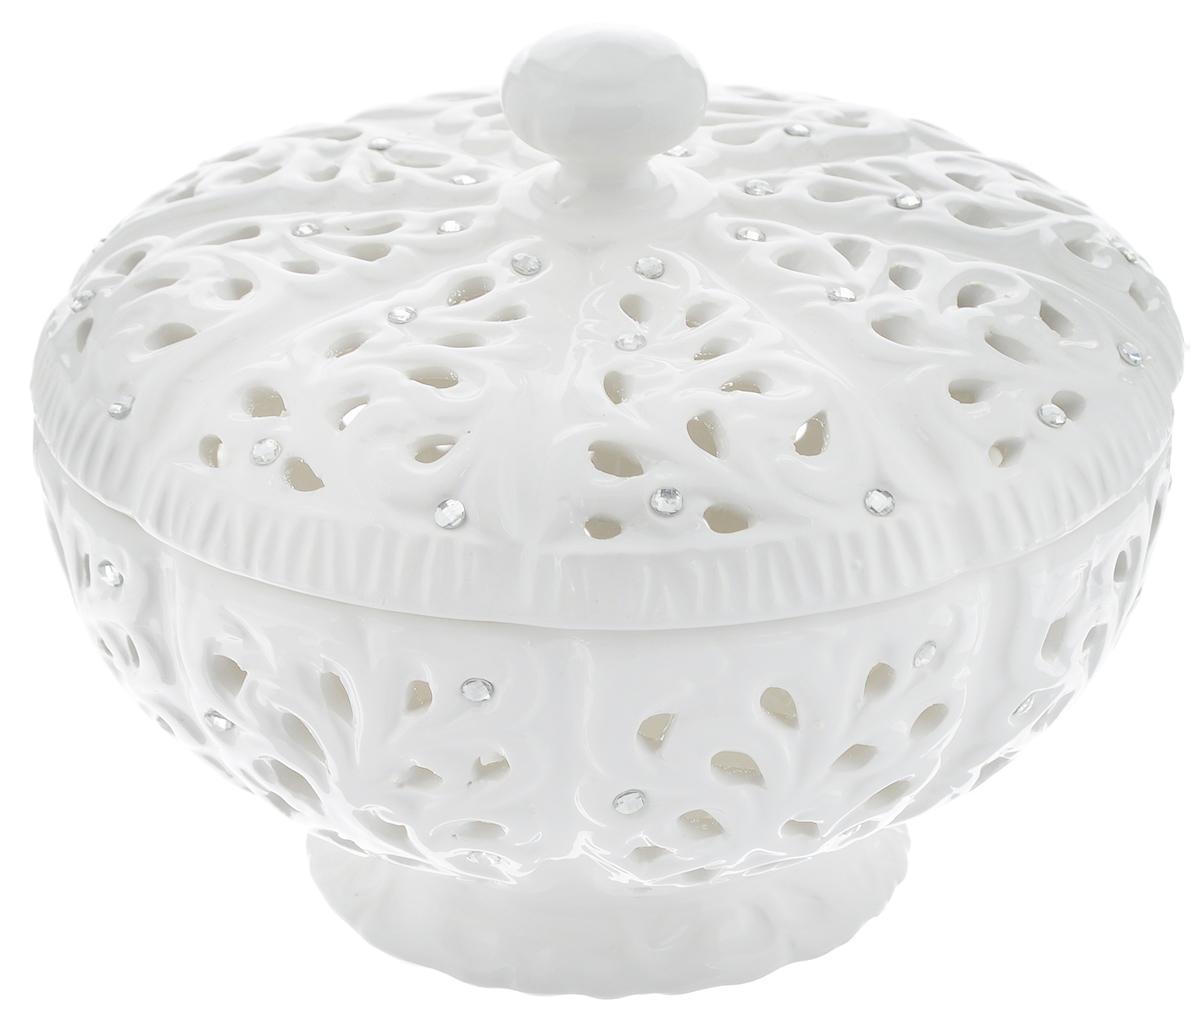 Ваза Loraine, с крышкой, диаметр 16 см23832Изящная ваза на ножке Loraine изготовлена из высококачественной доломитовой керамики. Изделие декорировано оригинальным ажурным узором и стразами. Ваза снабжена крышкой. Стильная форма и интересное исполнение позволят вазе идеально вписаться в любой интерьер, а классический белый цвет и изящный дизайн украсит праздничную сервировку стола к любому торжеству. Ваза предназначена для сервировки конфет, зефира, печенья, а также других сладостей. Такая ваза также станет замечательным подарком к празднику. Диаметр вазы (по верхнему краю): 16 см. Диаметр основания: 8,5 см. Высота (без учета крышки): 7,5 см.